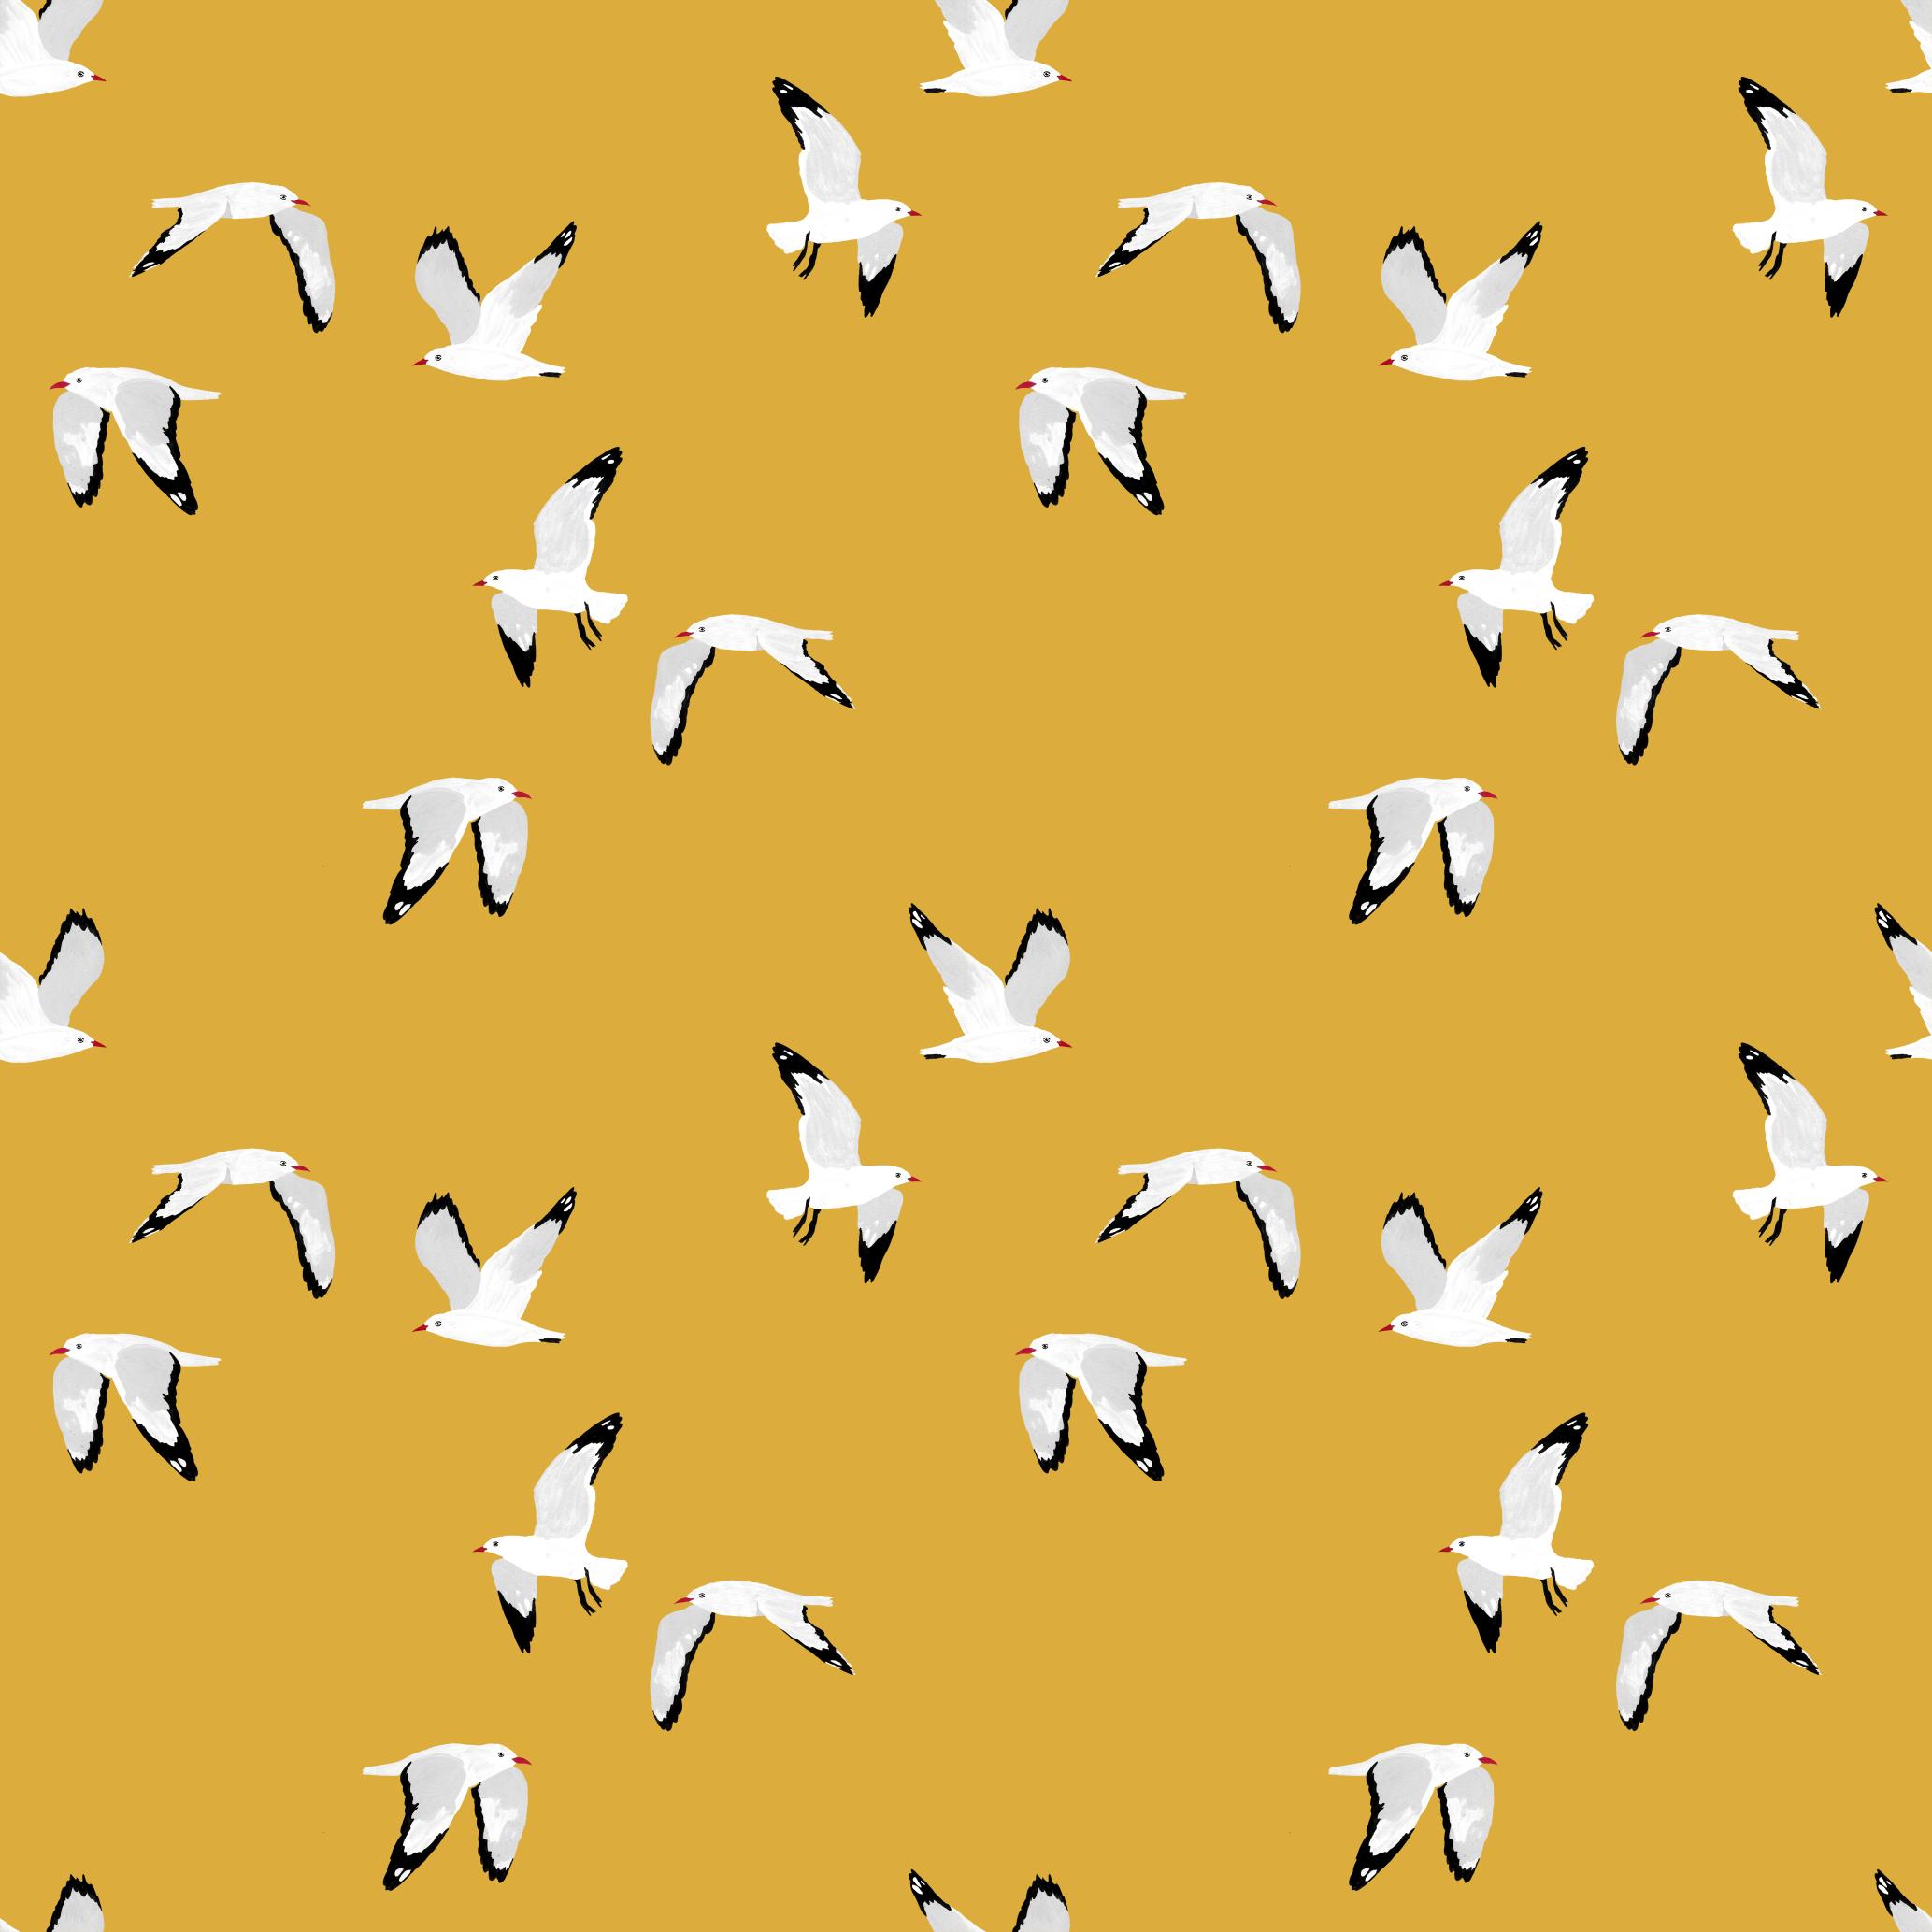 melissa boardman seagulls scatter pattern mustard.png